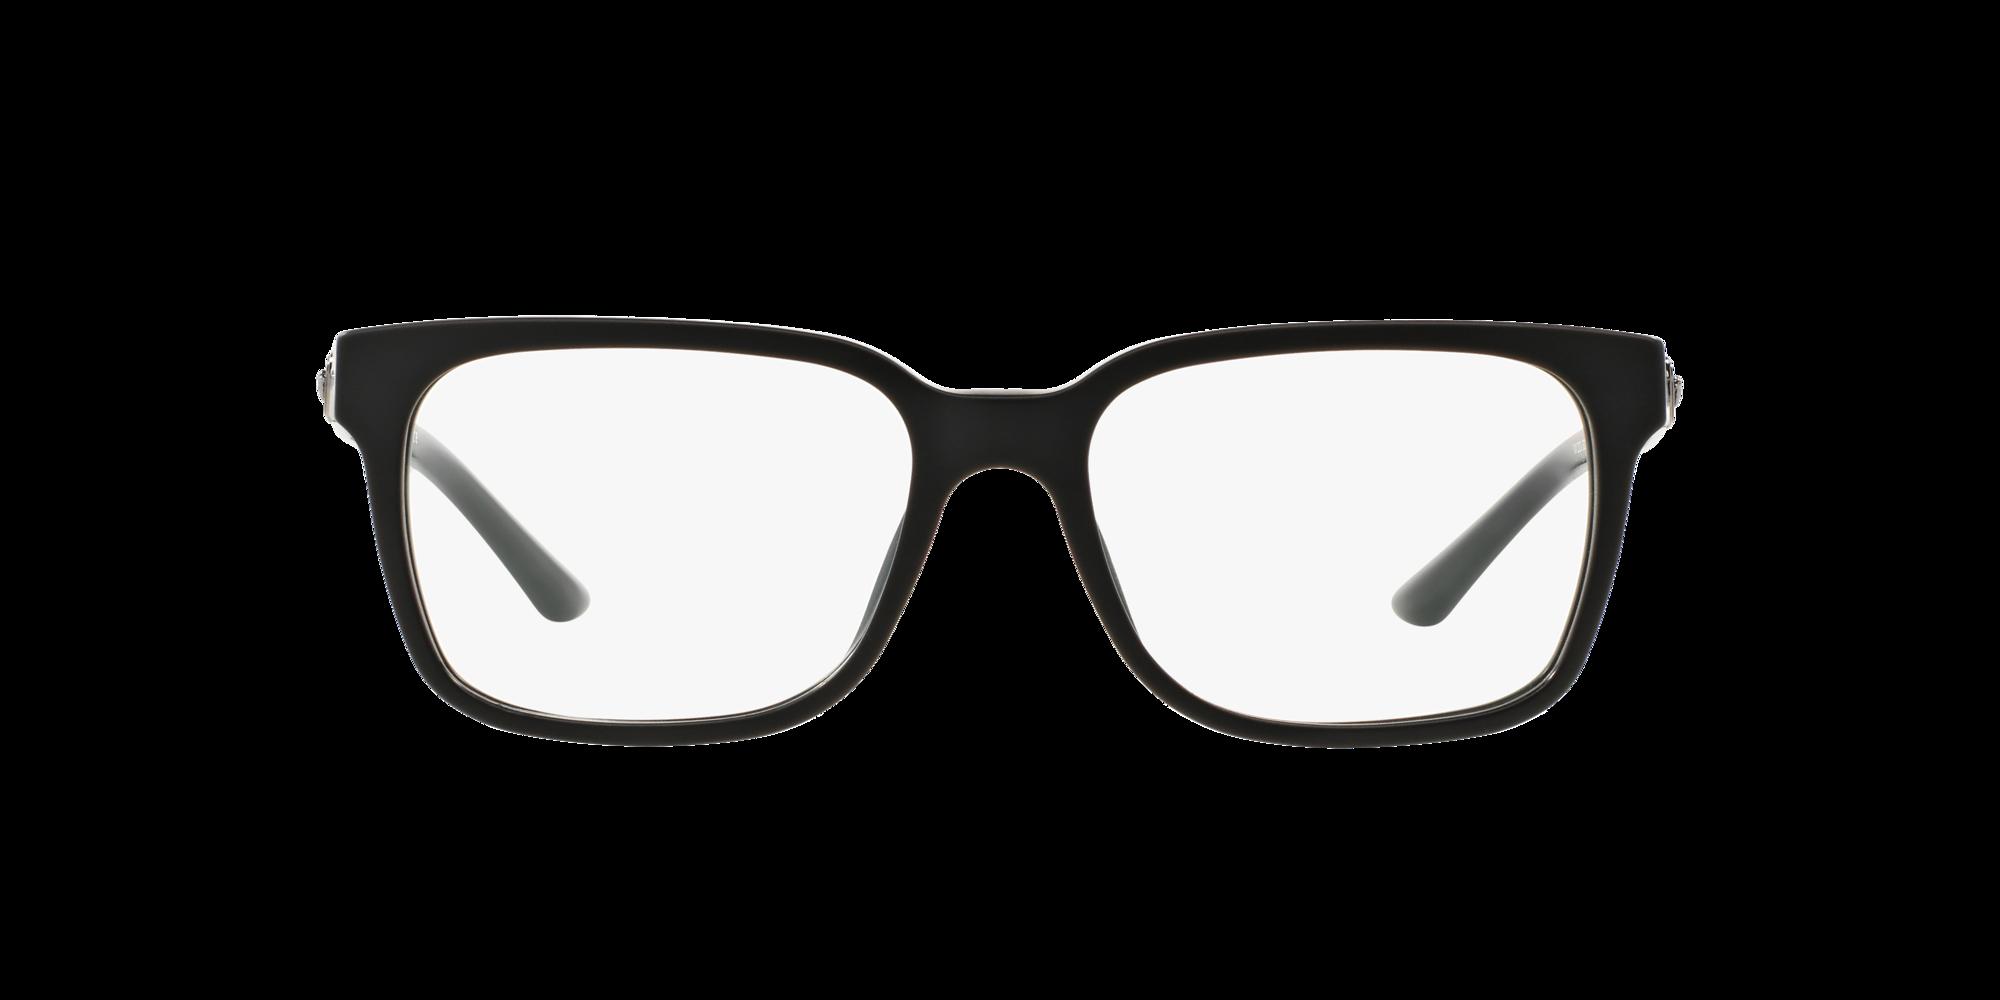 Imagen para VE3218 de LensCrafters    Espejuelos, espejuelos graduados en línea, gafas